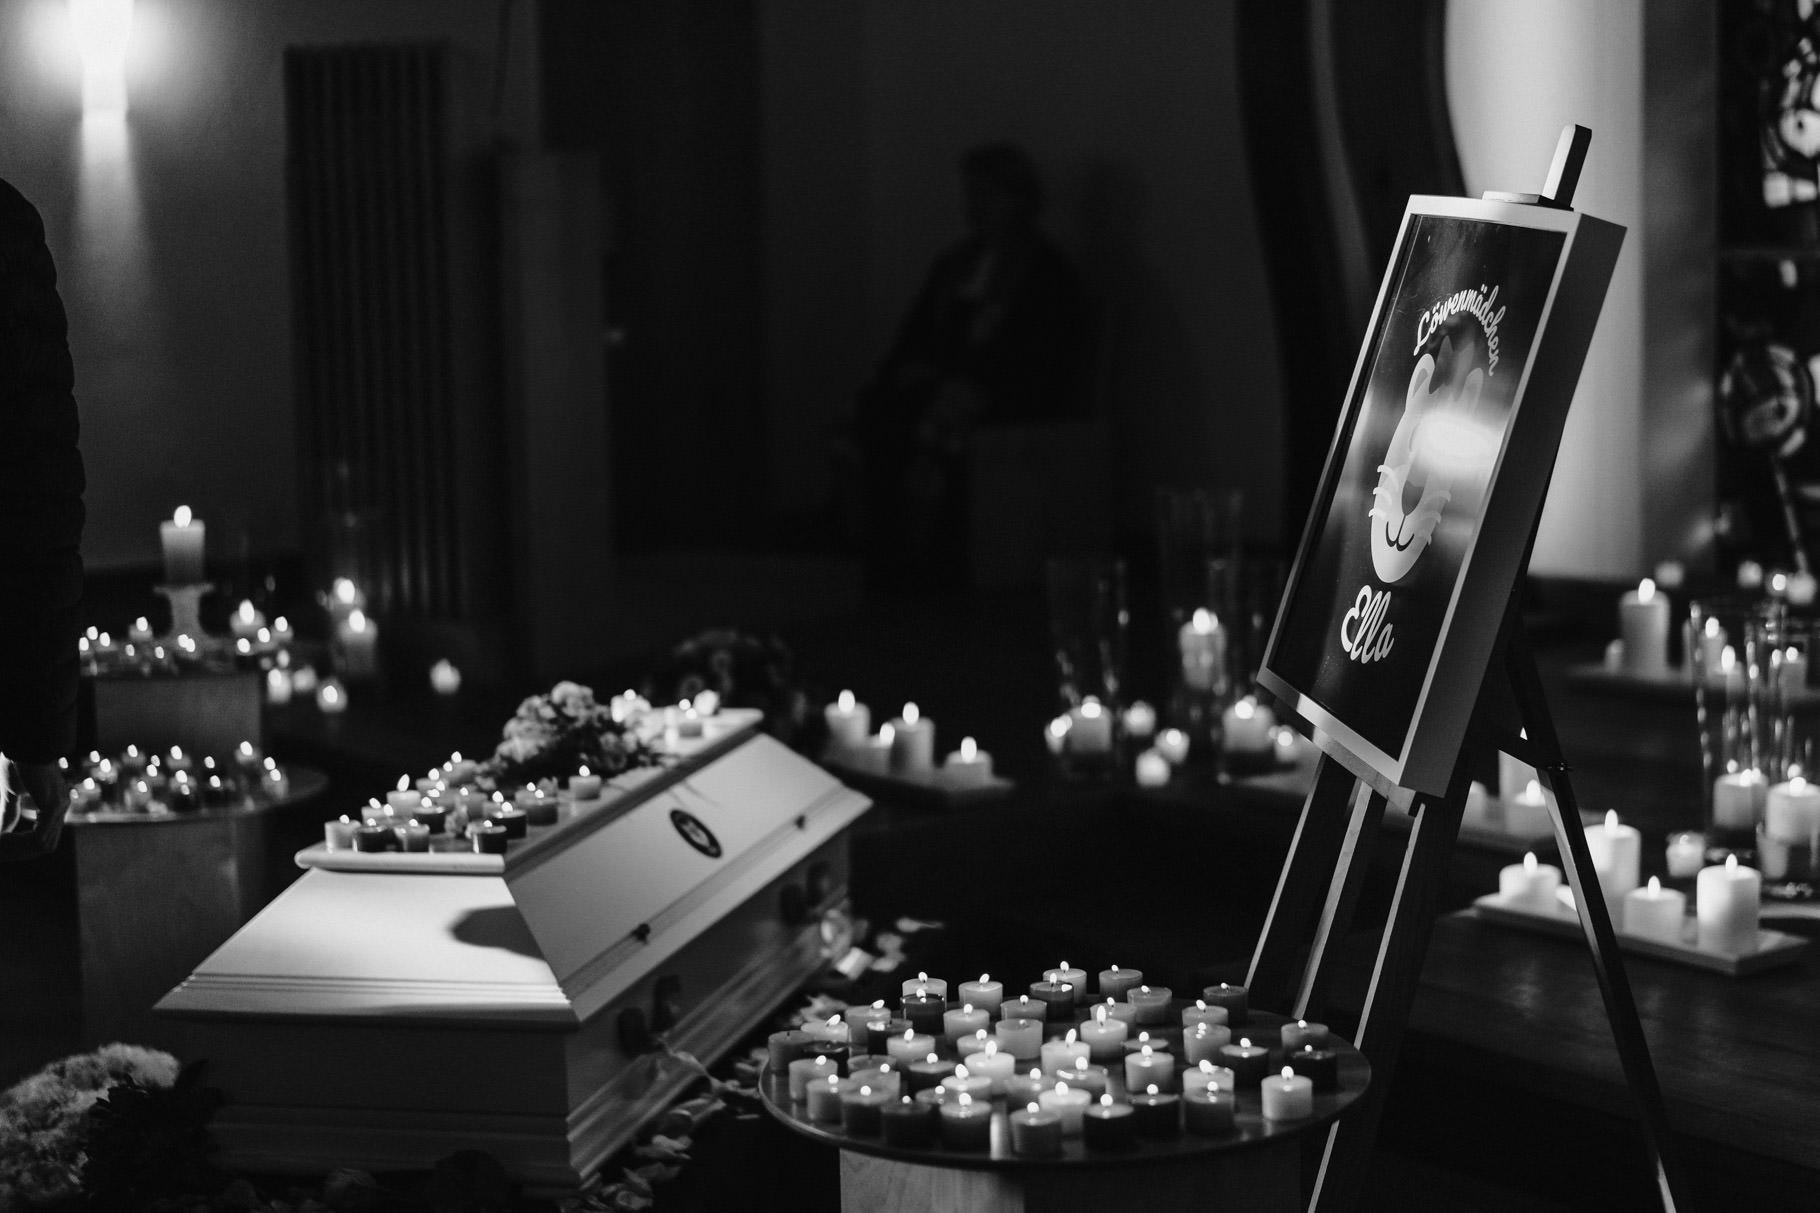 Beerdigung-Bielefeld-Trauerfeier